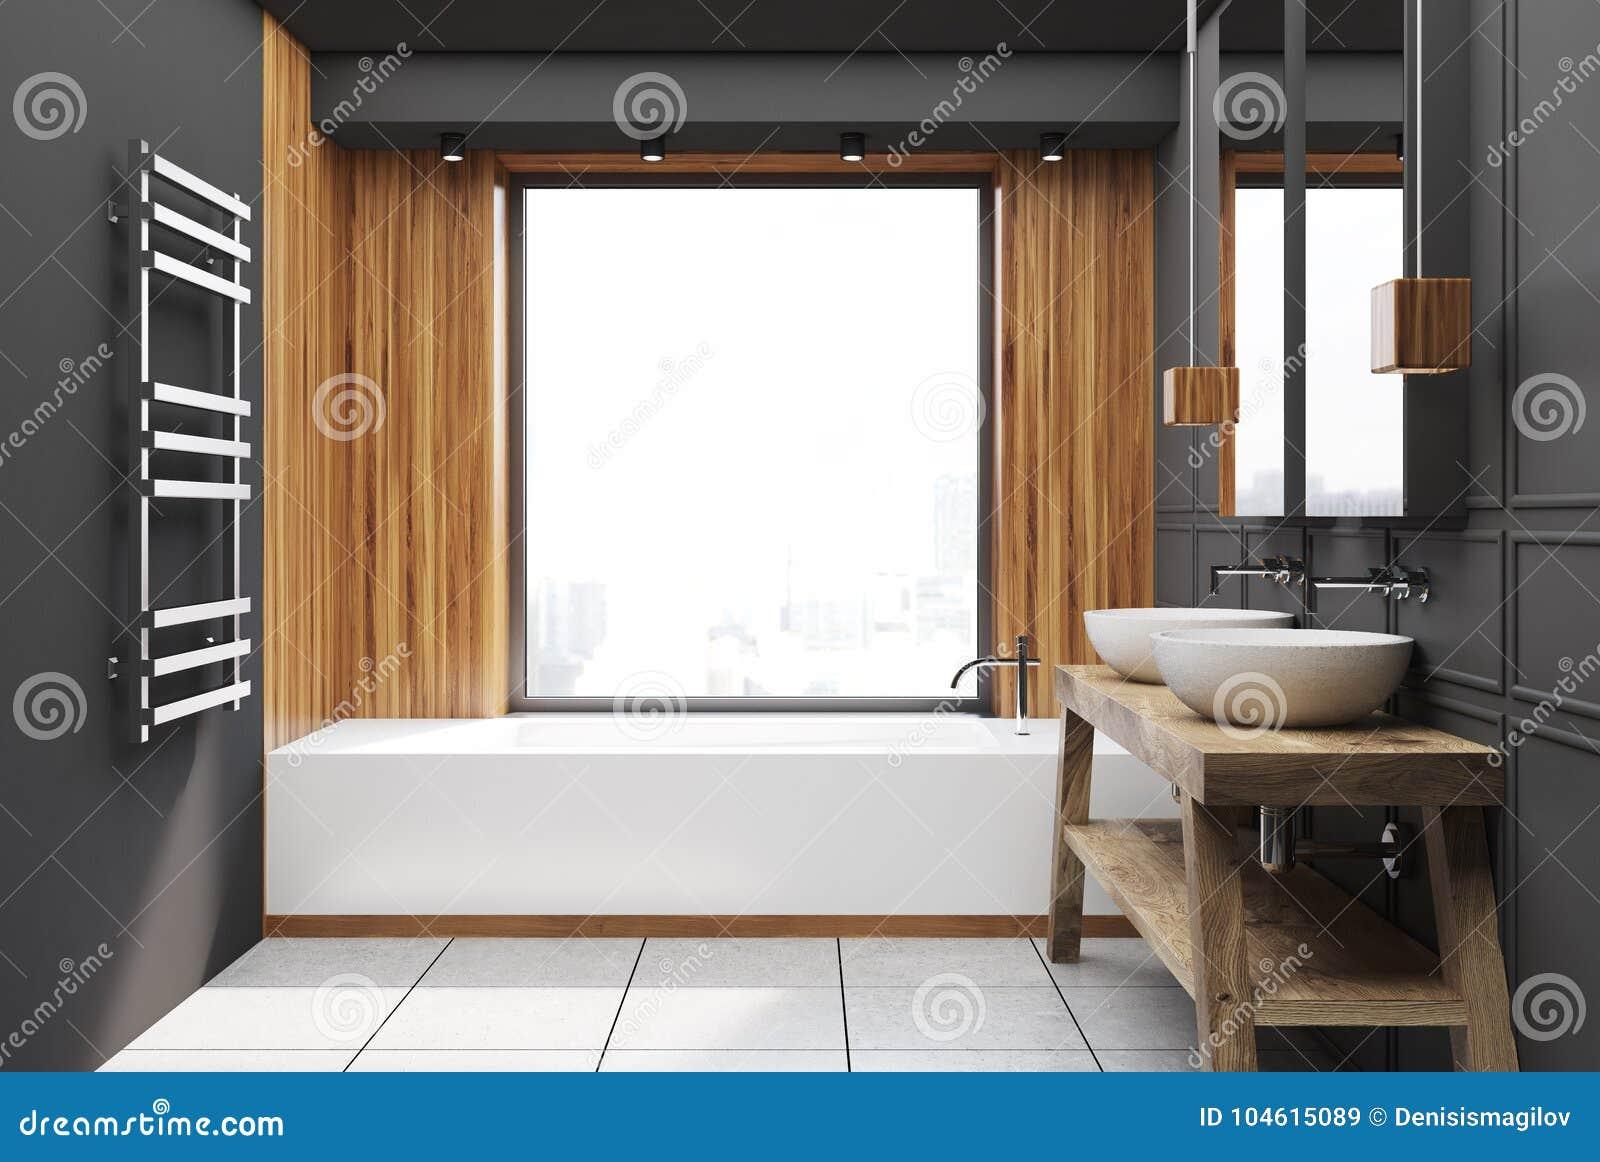 Szara I Drewniana łazienka Ilustracji Ilustracja Złożonej Z